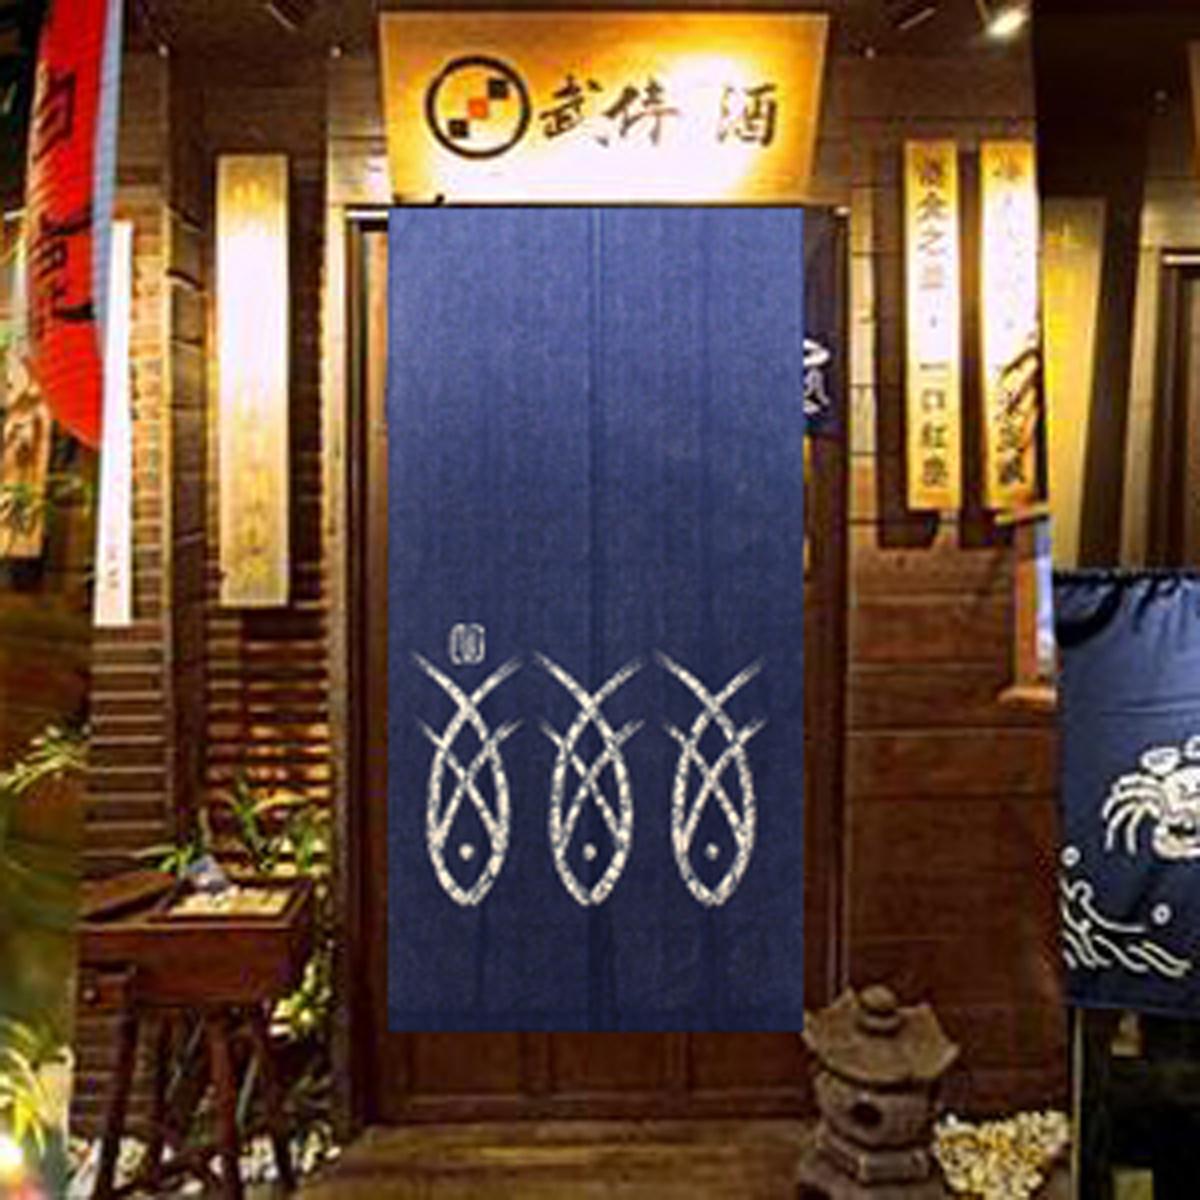 Blue Fish Printed Japanese Noren Doorway